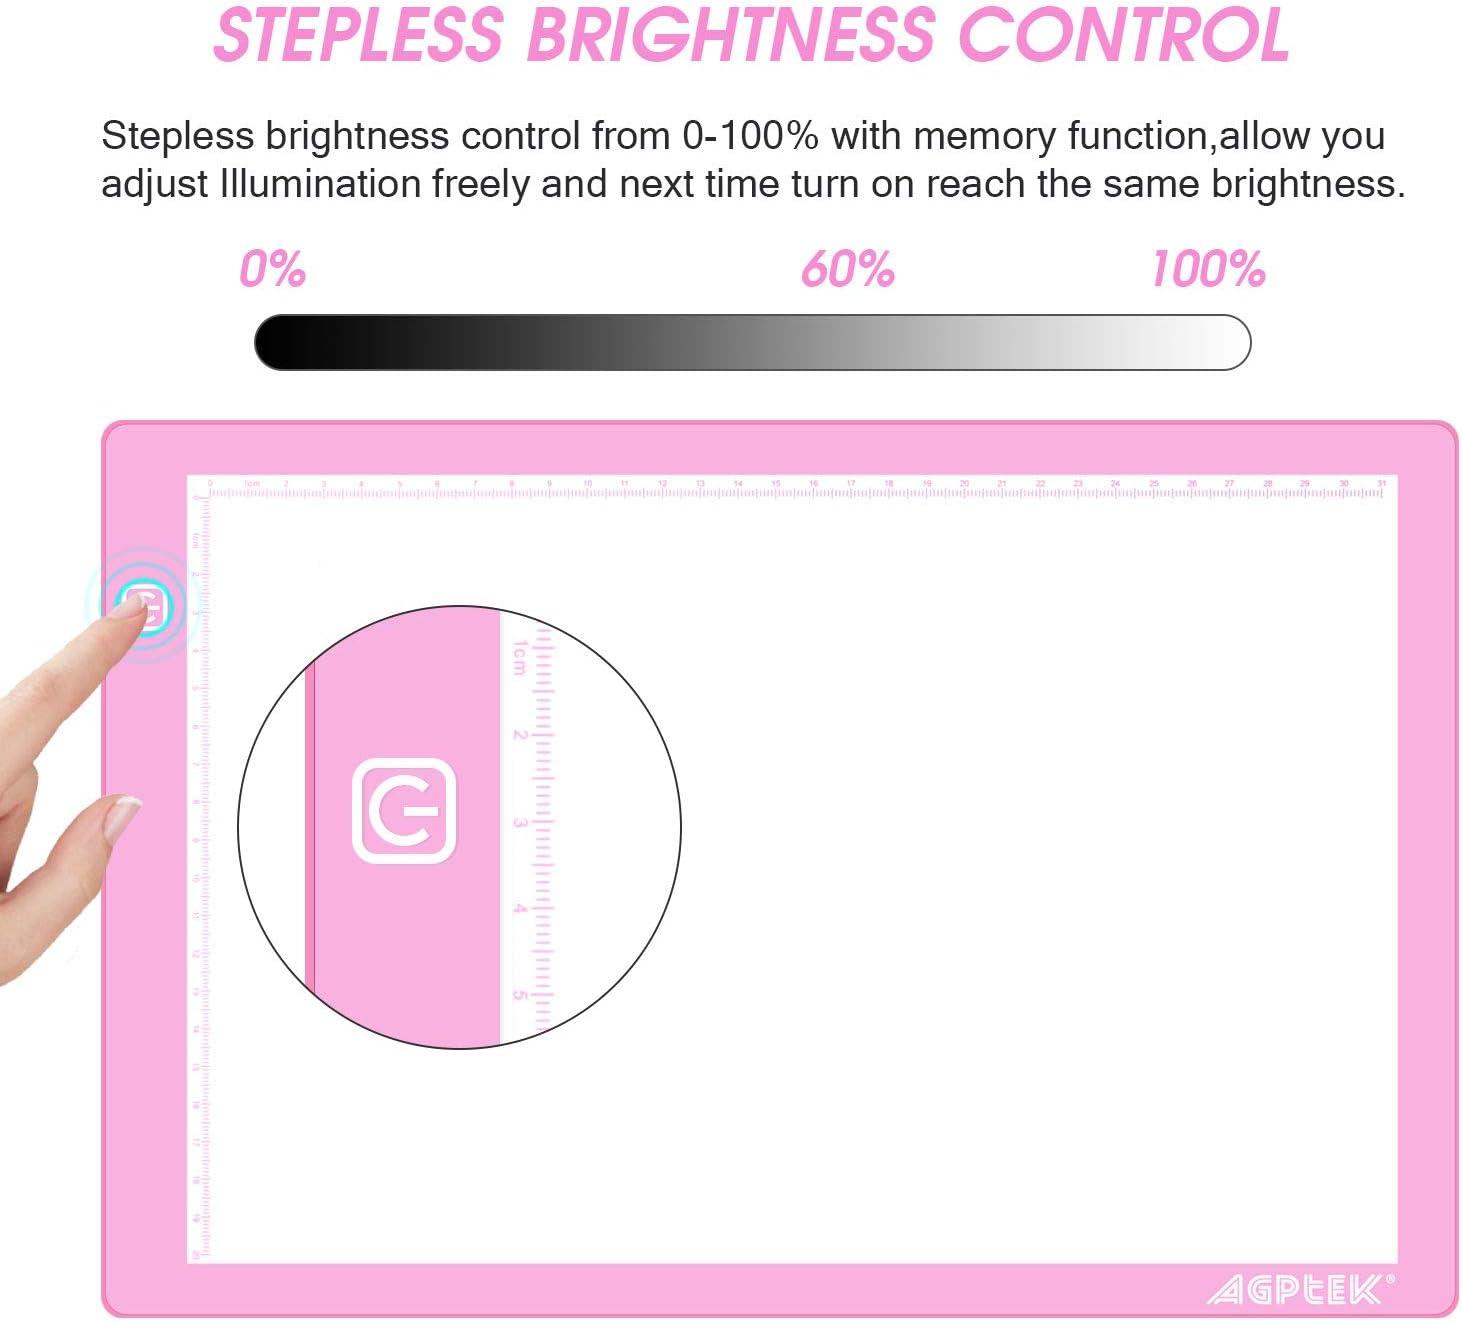 Tavolette Luminose 3 Livelli Regolabile per Disegno Lavagne Luminose A4 Tracing Light Box Ricarica con USB AGPTEK A4 Tavoletta Luminosa con 4 x Magneti Ultralight Light Board Tavolo Disegno